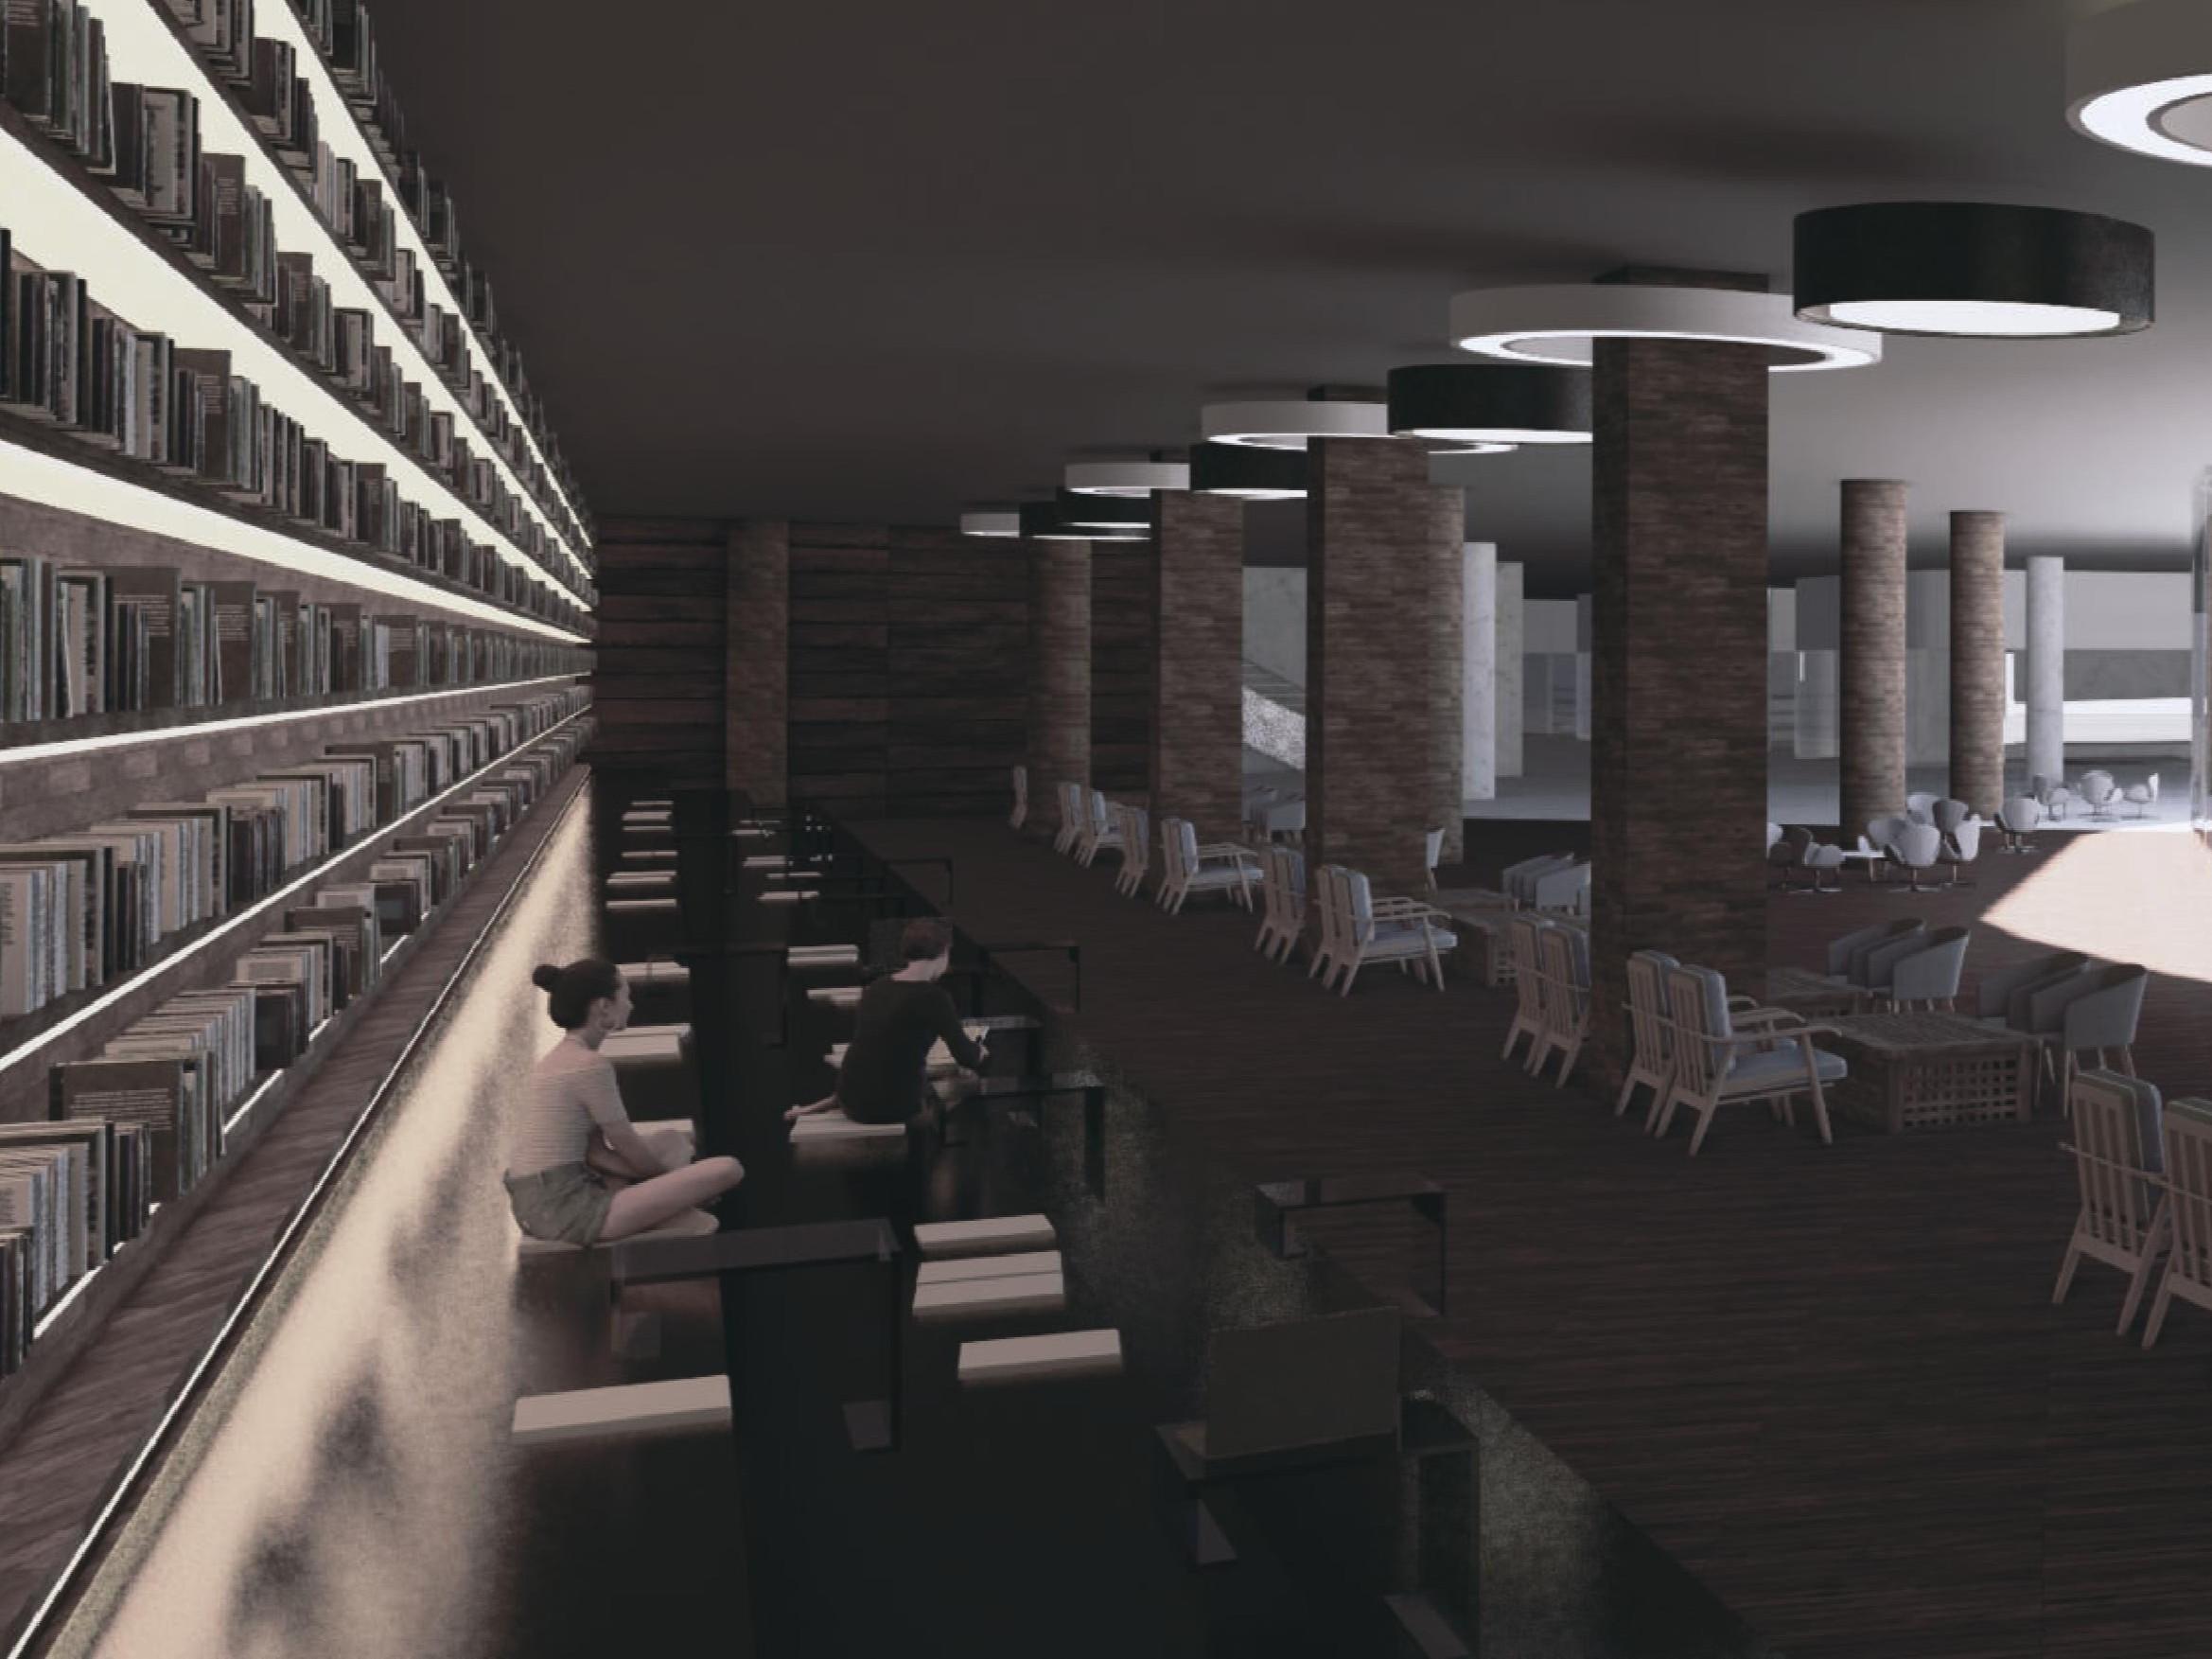 건축 3D모델링 및 렌더링을 통해 고화질이미지 작업해 드립니다.